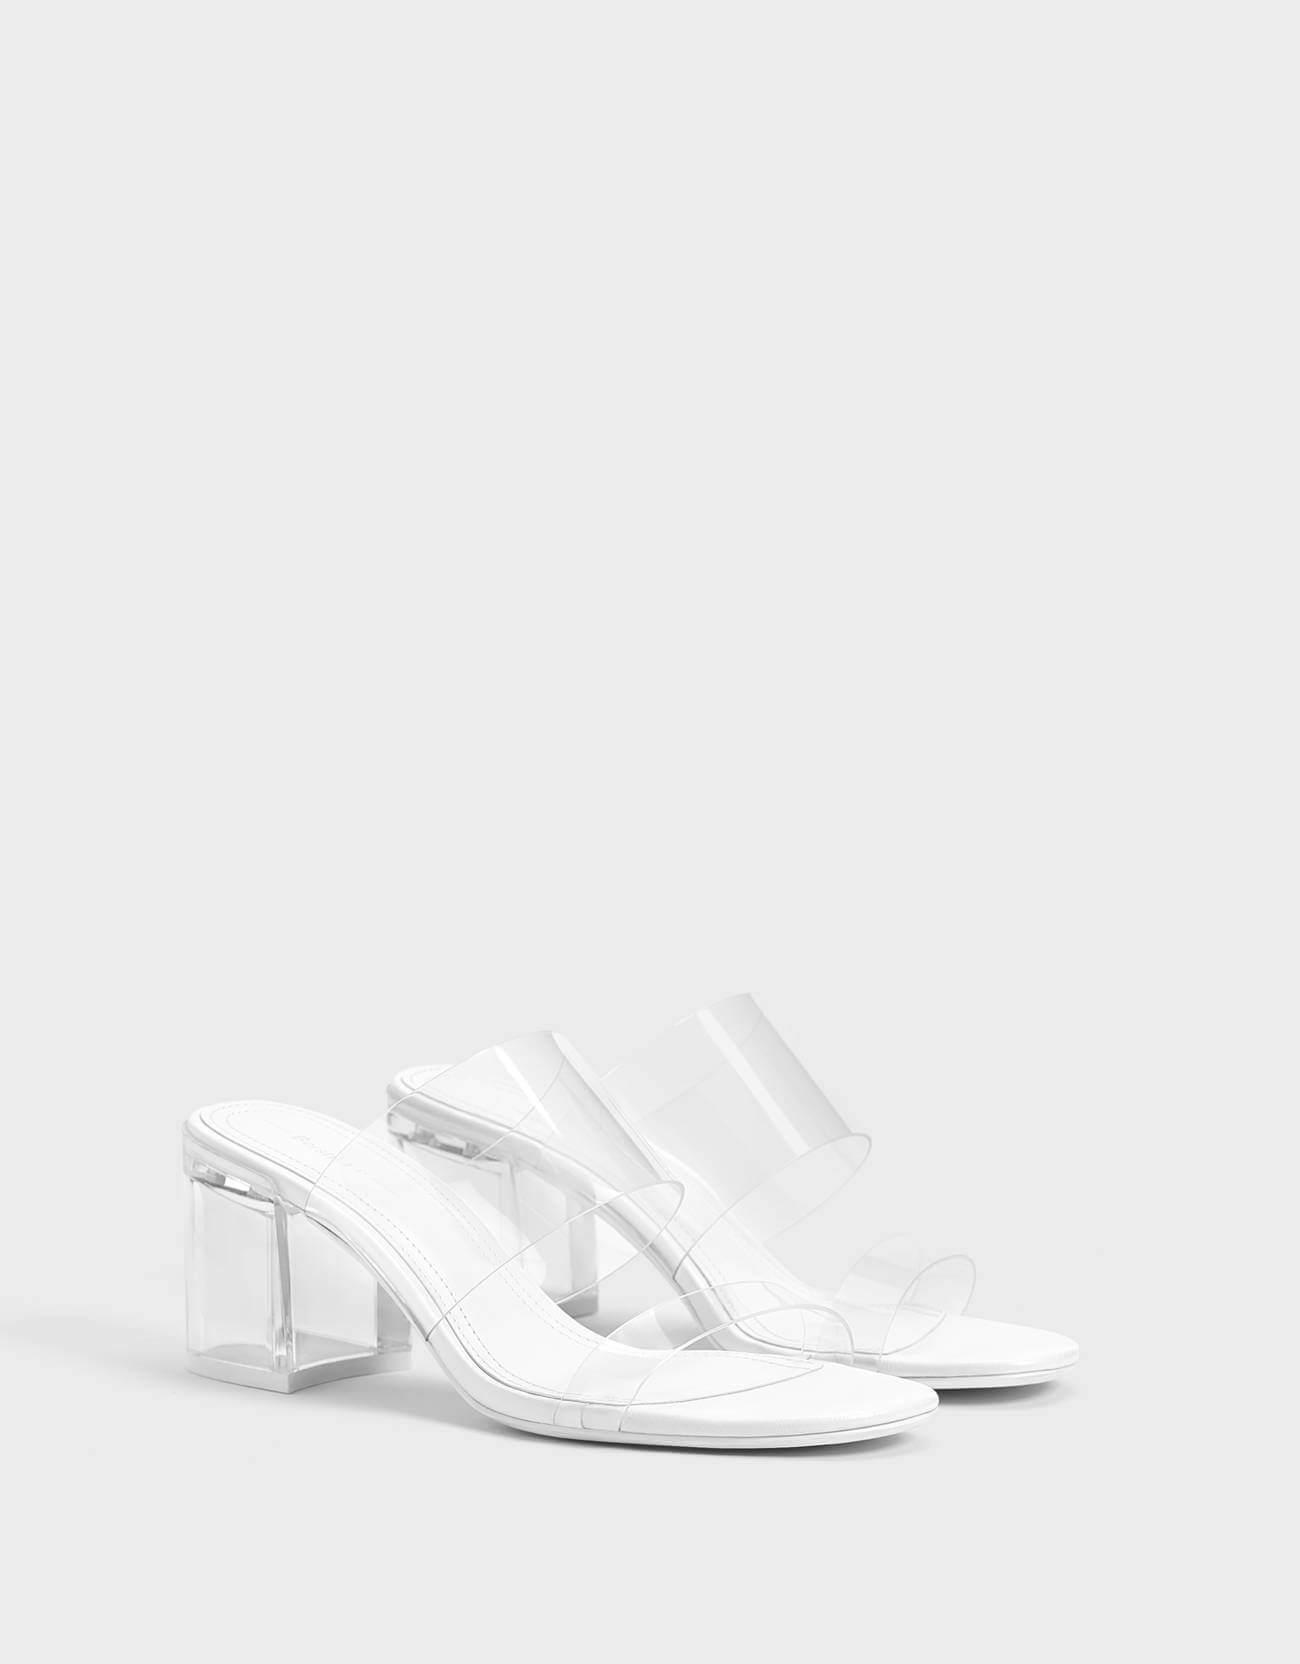 bershka kısa topuklu ayakkabı modelleri